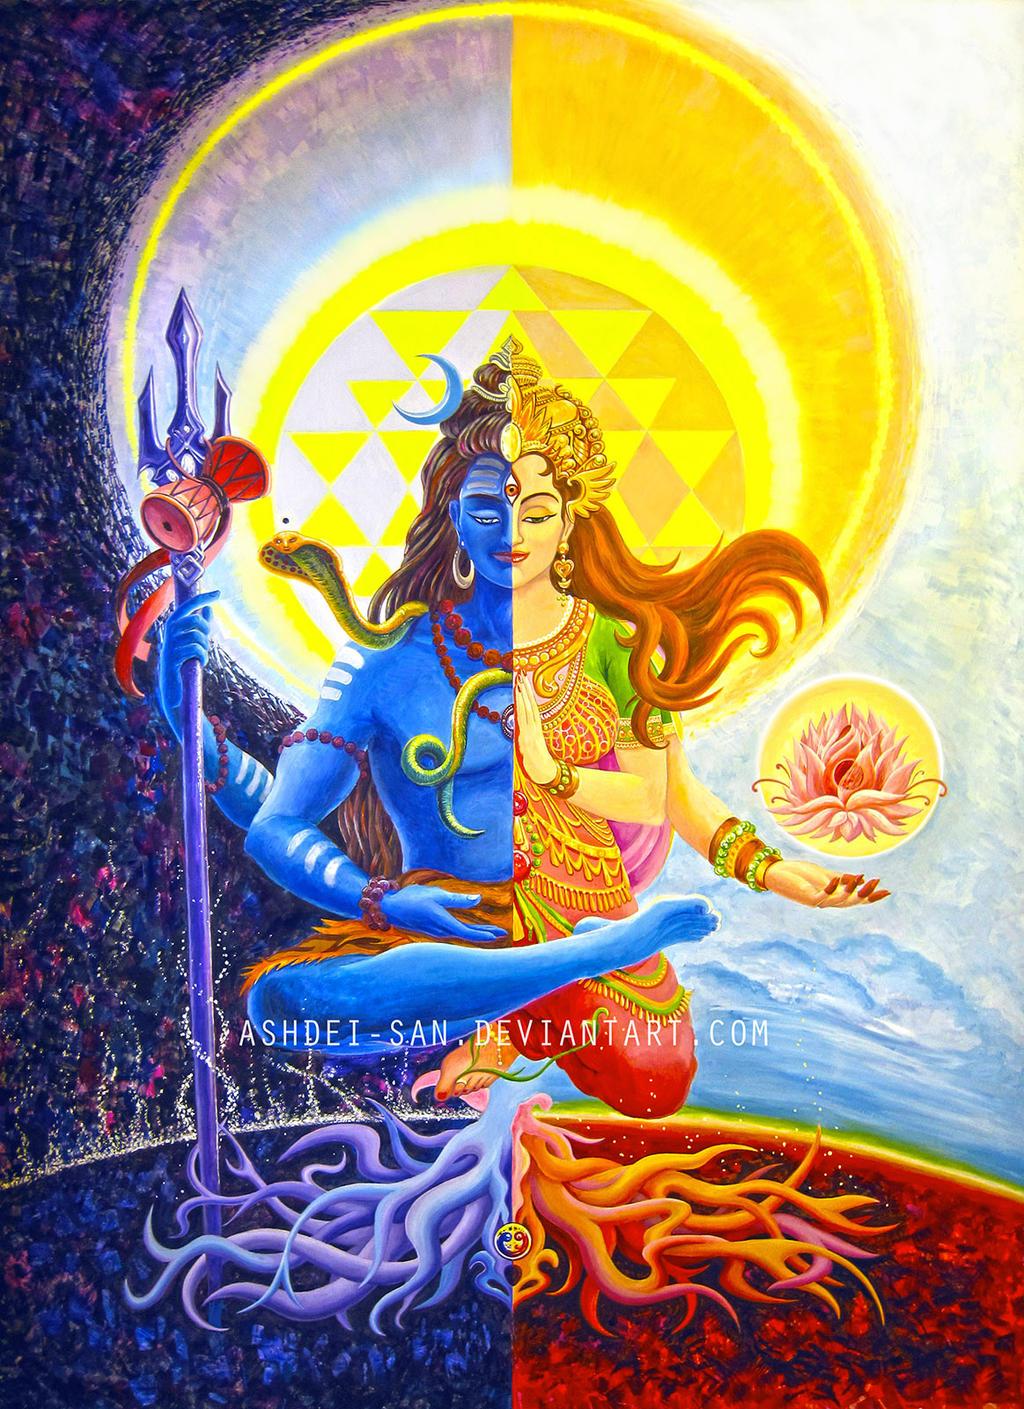 Shiva and Shakti (Ardhanarishvara)